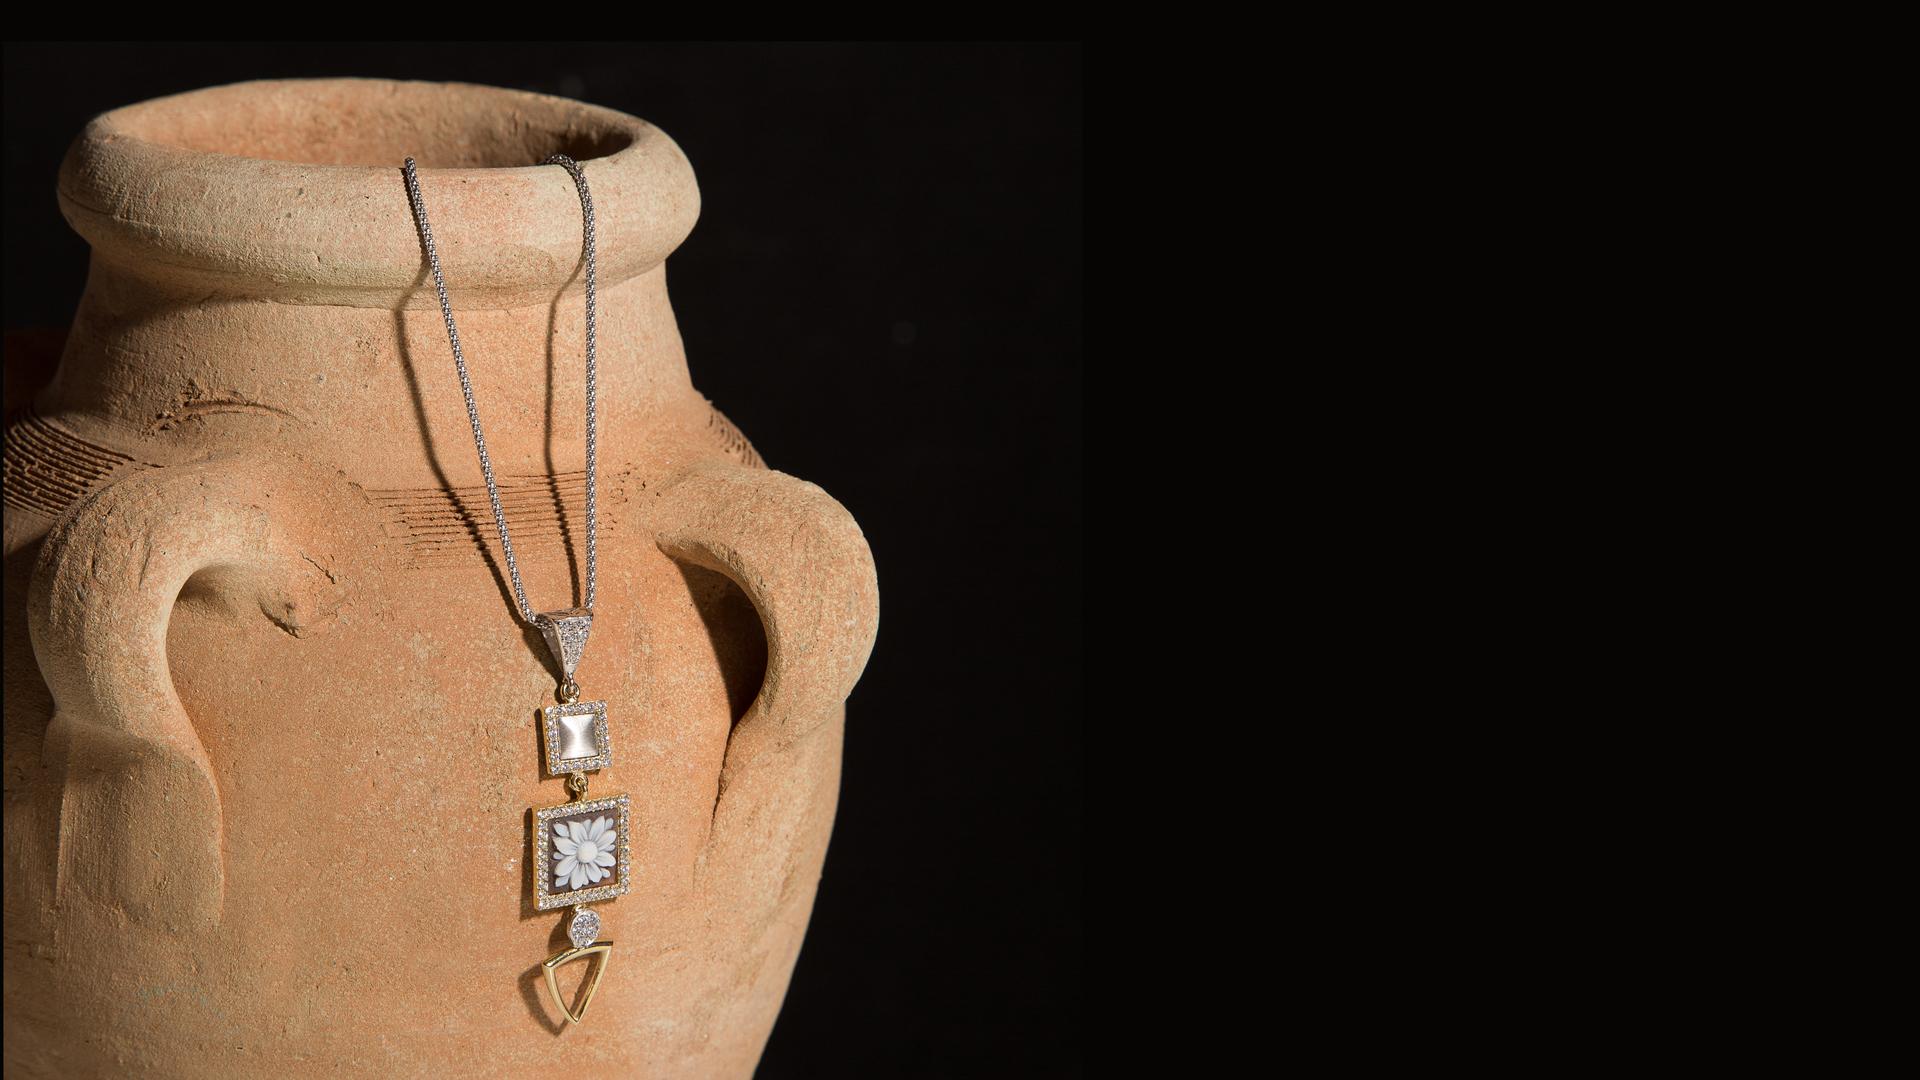 Homi milano | Gaetano Vitiello Jewelry